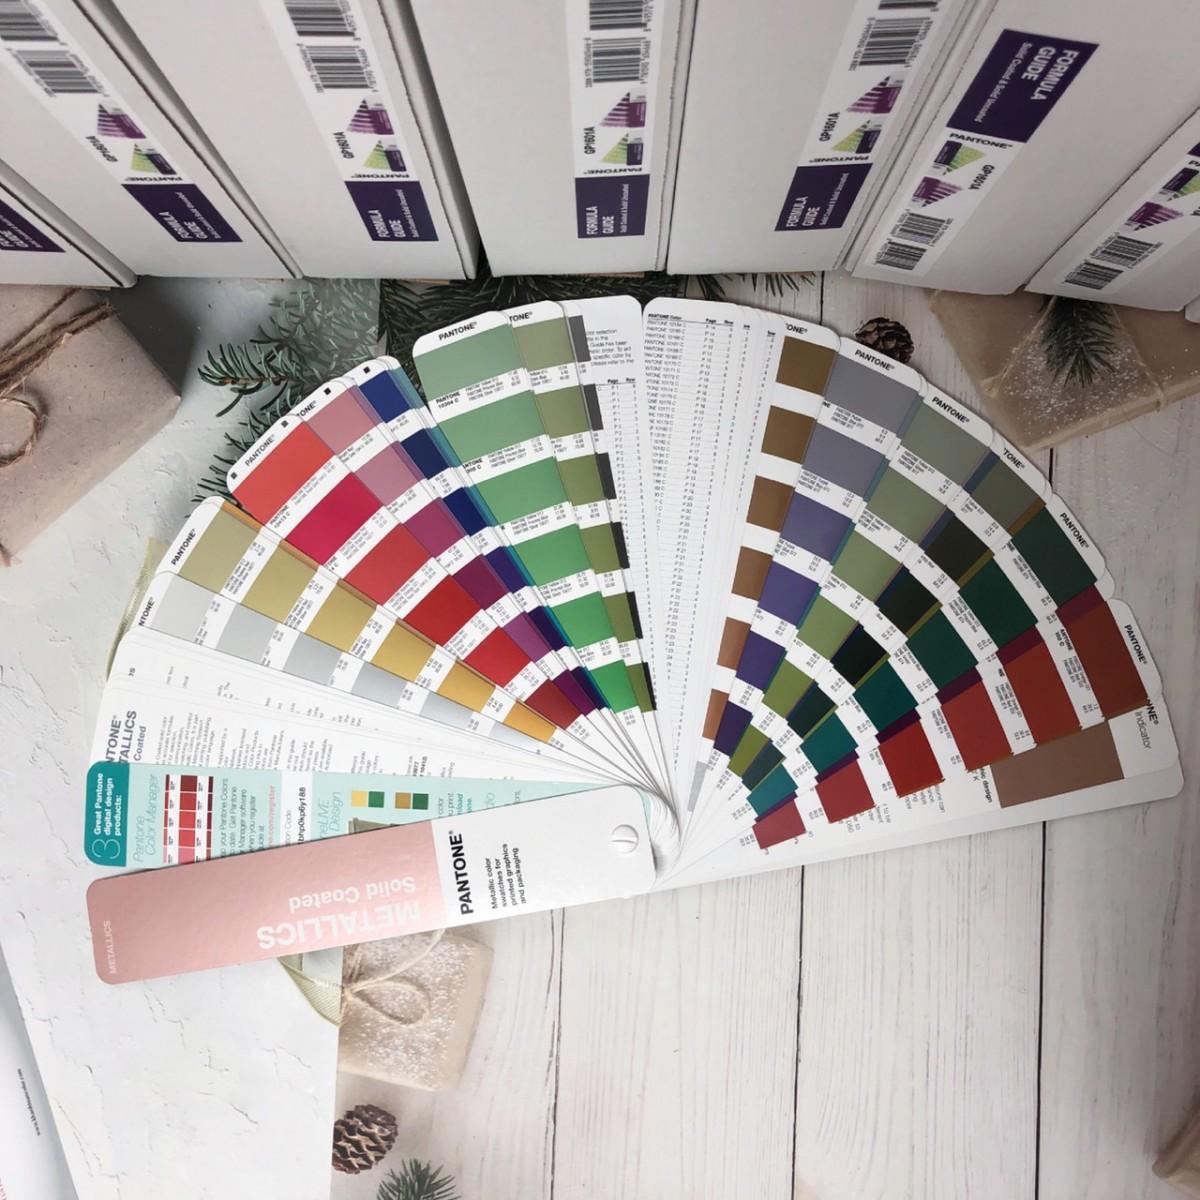 đặc điểm màu sắc của bộ bảng màu pantone c metallics guide gg1507a 2020